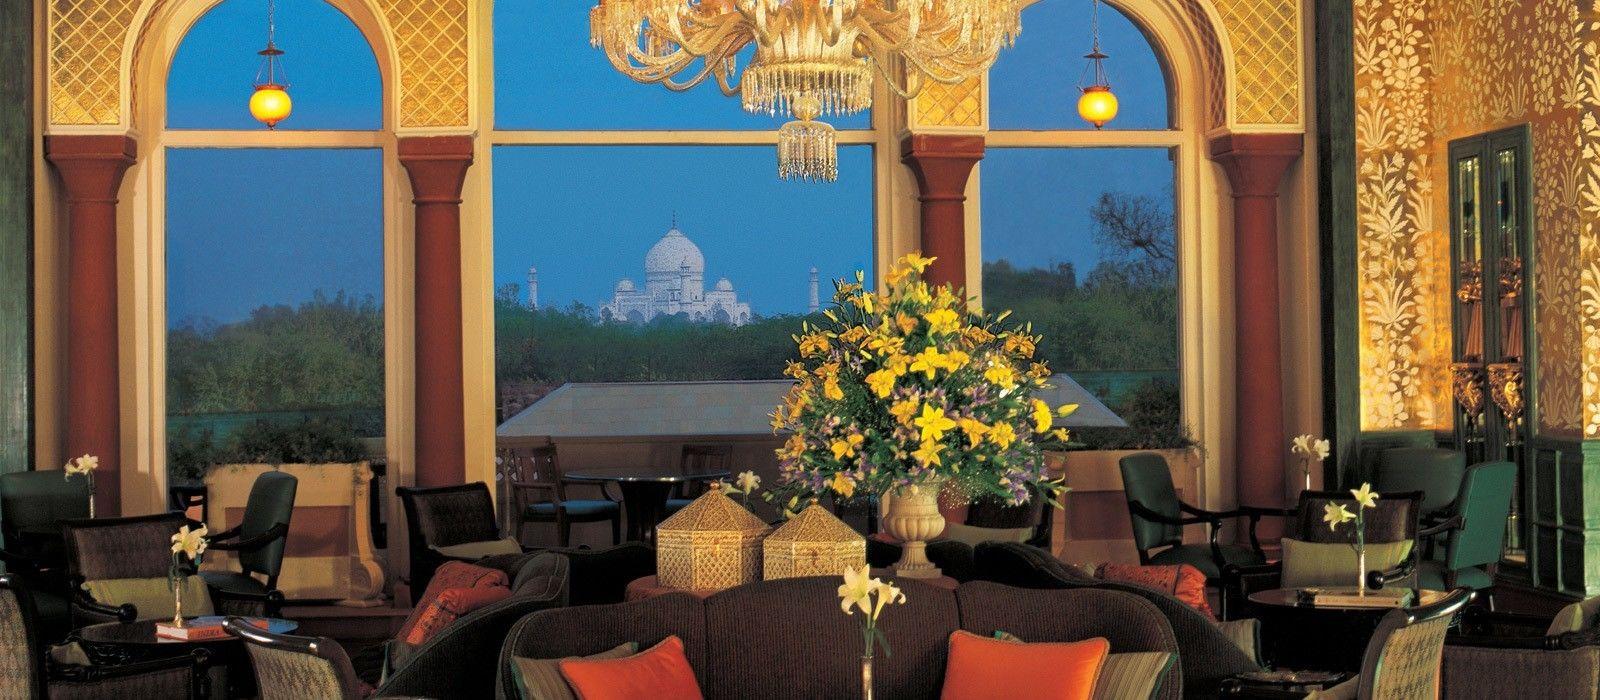 Hotel The Oberoi Amarvilas Nordindien